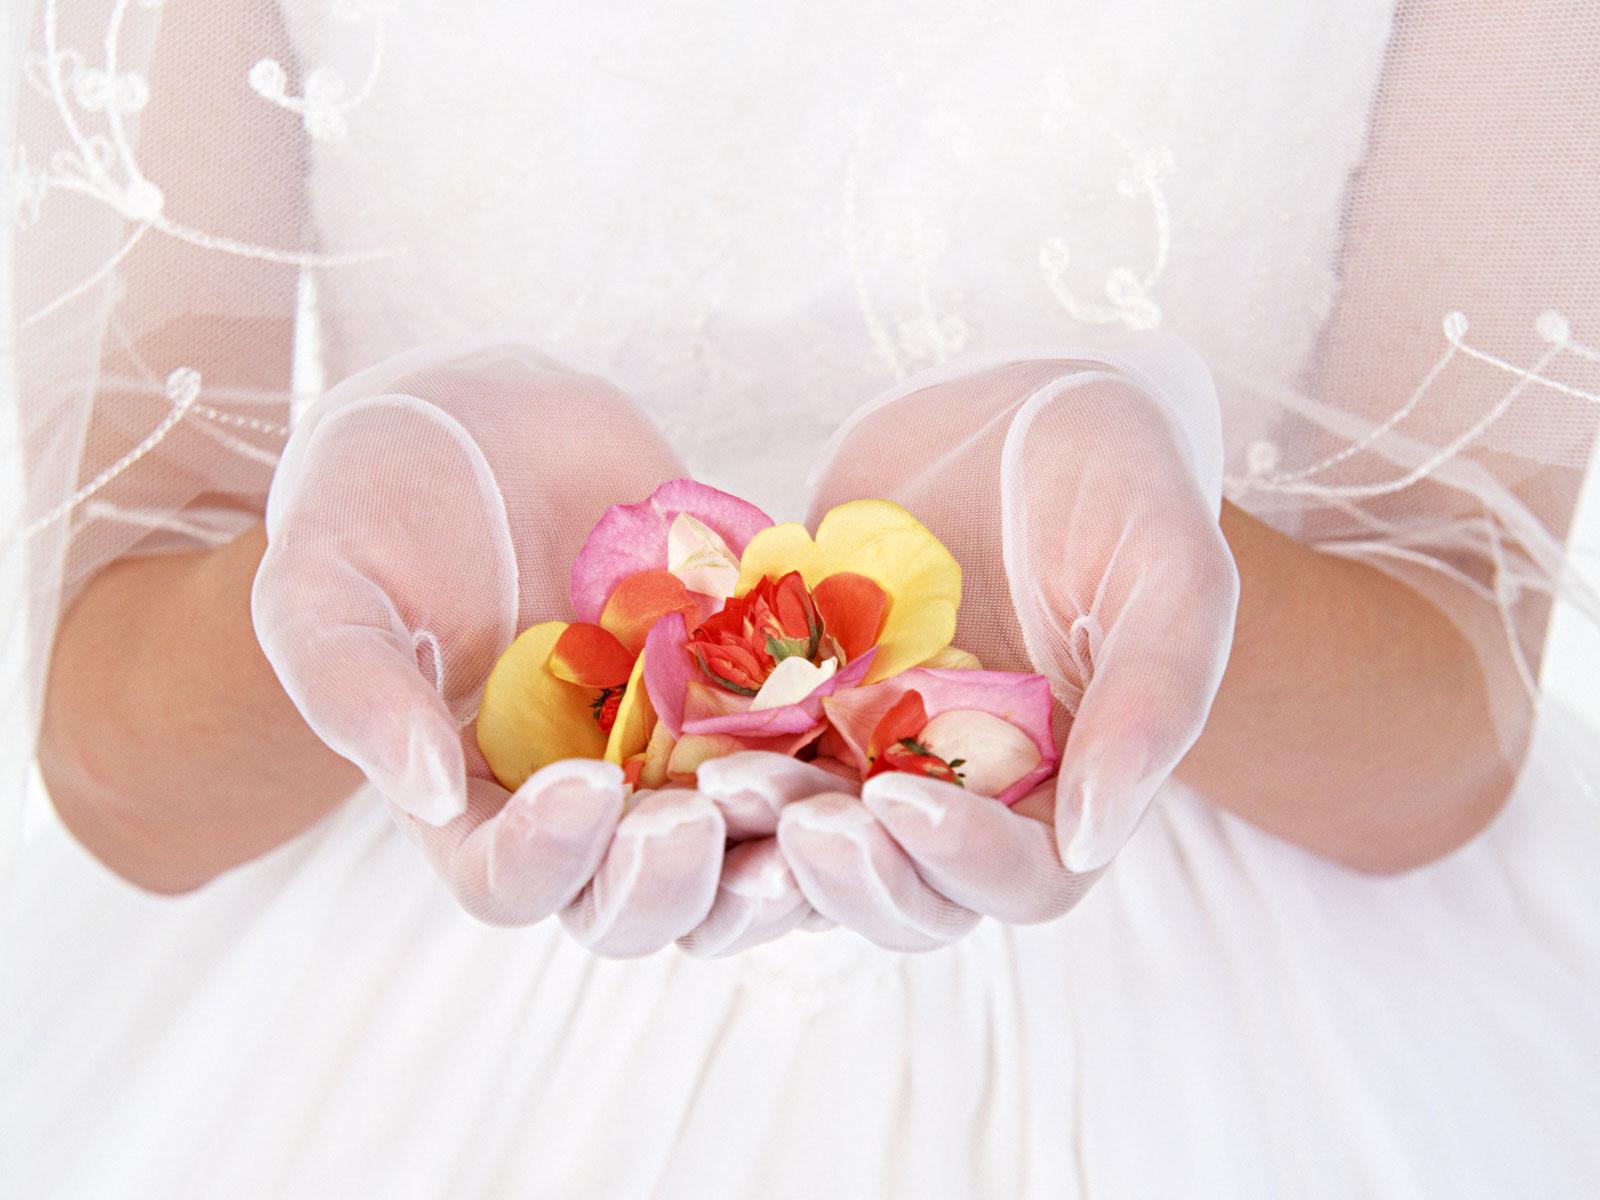 Агатовая свадьба (14 лет) какая свадьба, поздравления, стихи